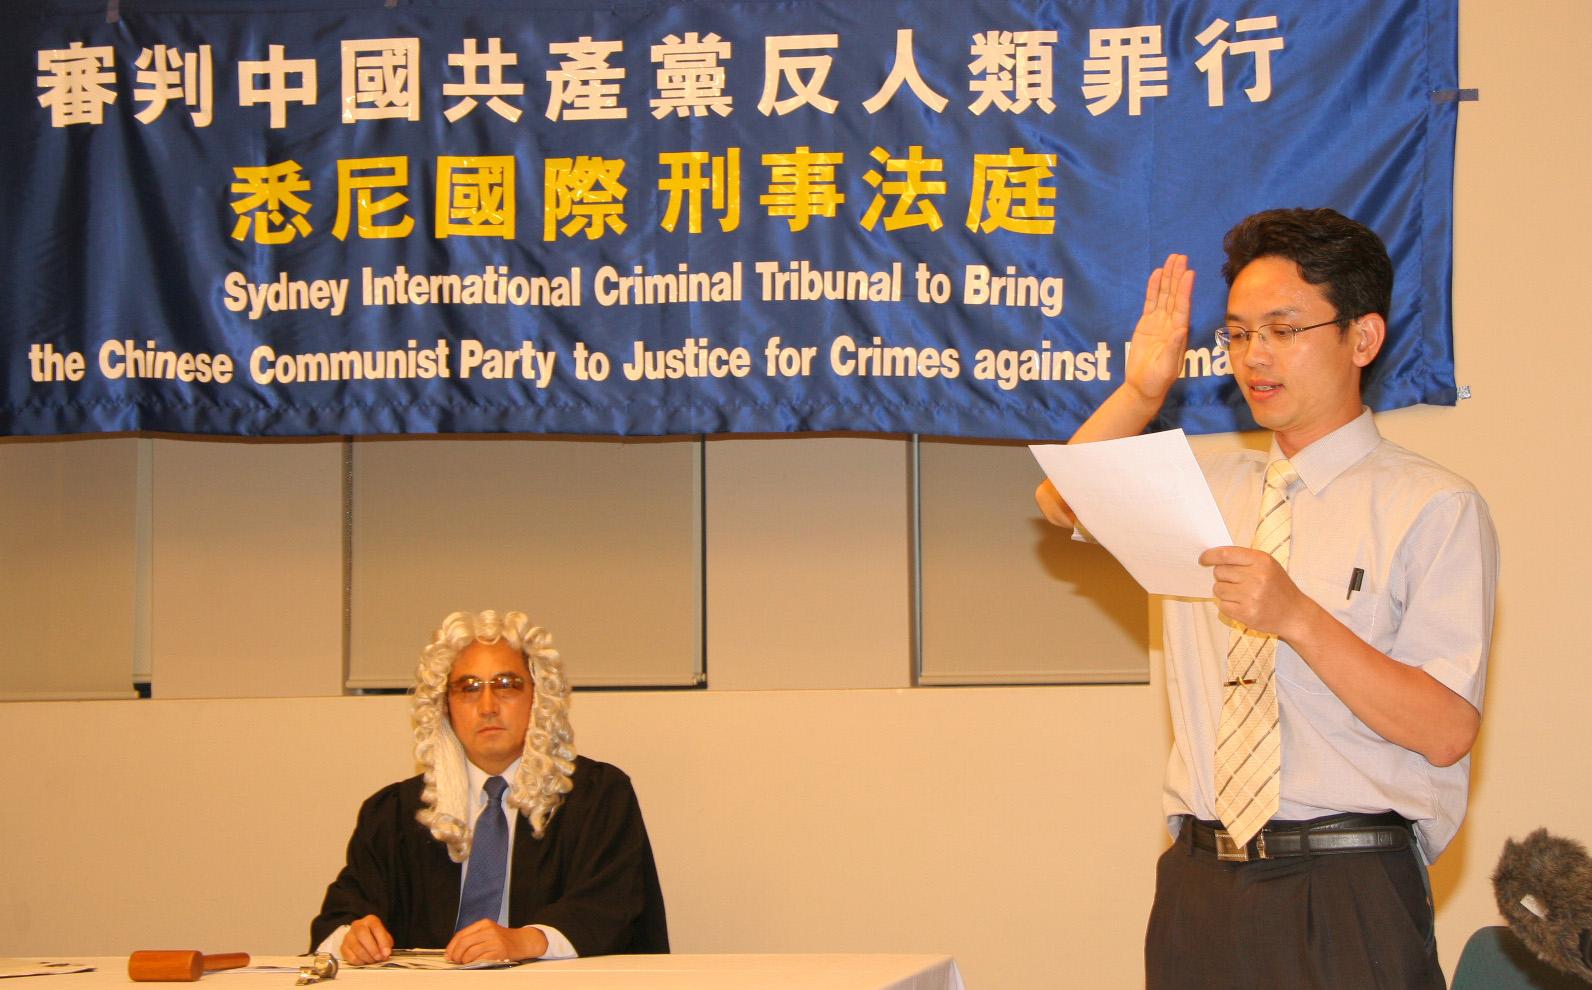 原中共外交官陳用林向法庭宣誓並就中共的迫害行爲提供證詞。(大紀元)